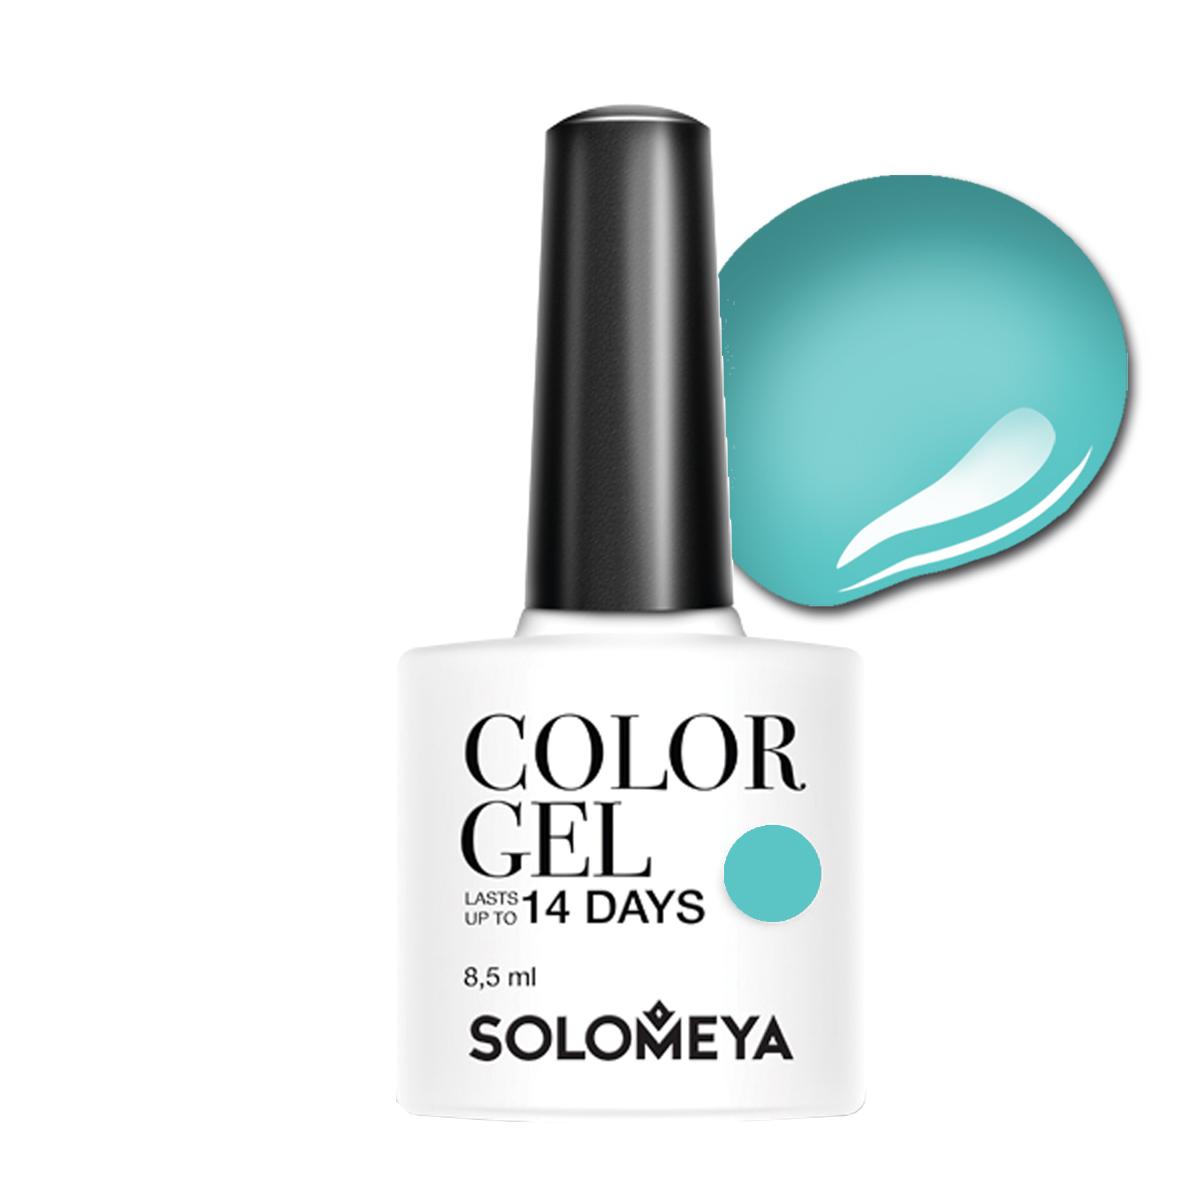 SOLOMEYA Гель-лак для ногтей SCG080 Свежая мята / Color Gel Fresh Mint 8,5мл гель лак для ногтей solomeya color gel beret scg034 берет 8 5 мл